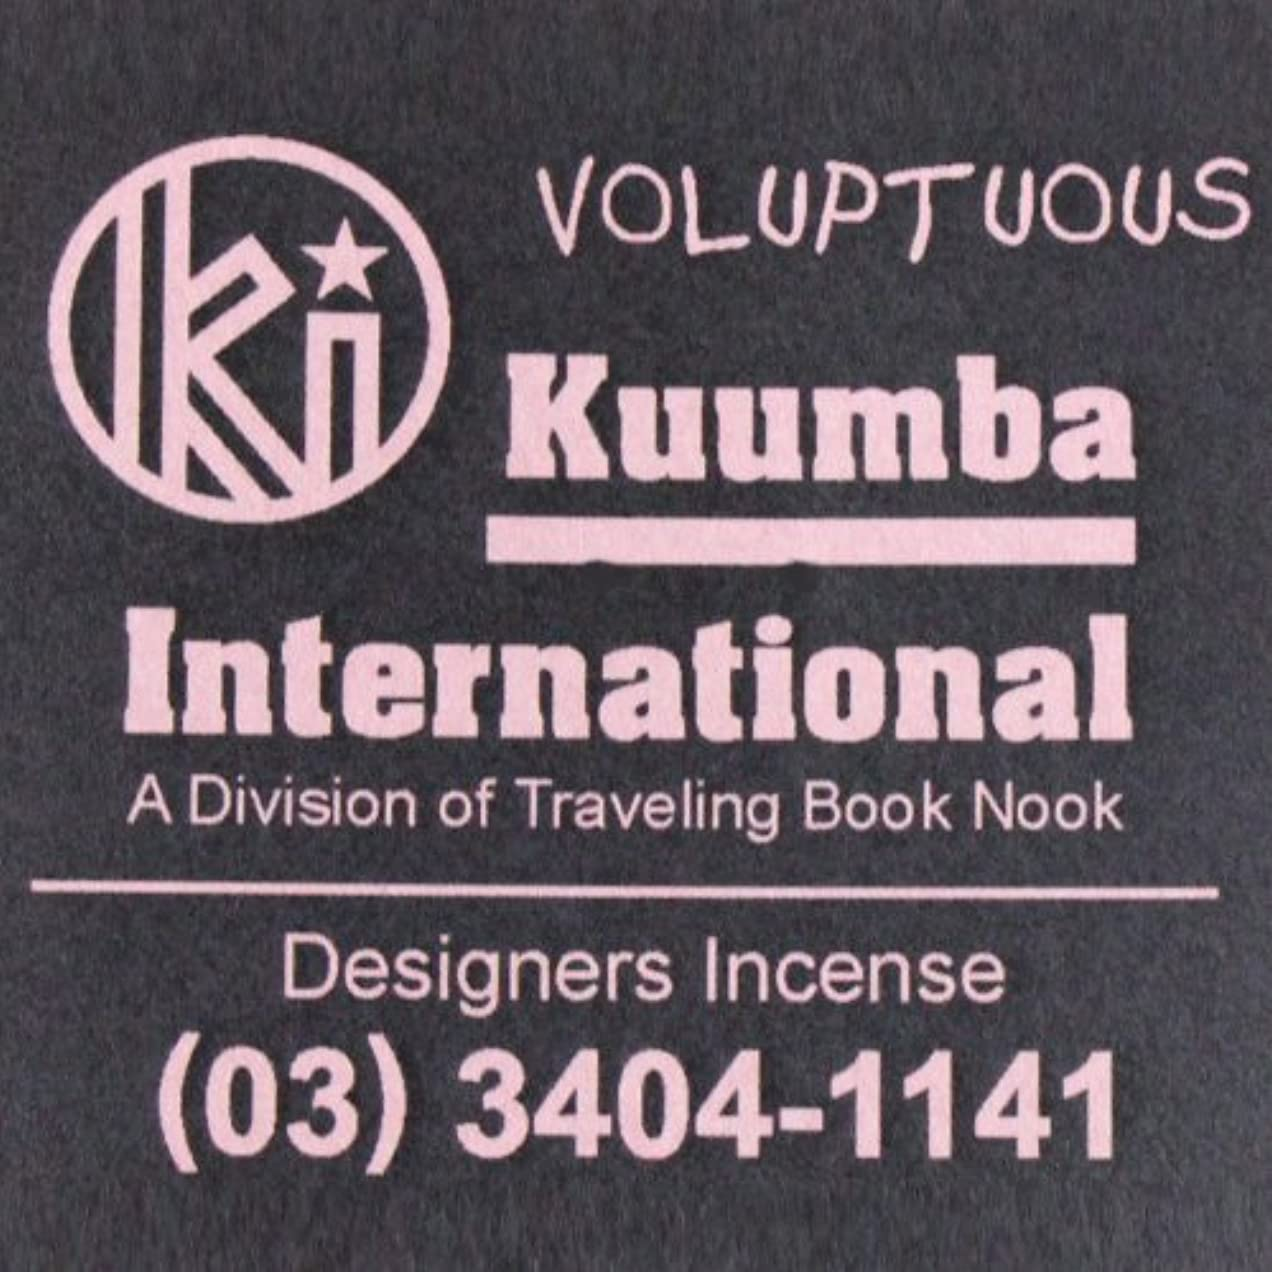 もう一度幻影巻き戻すKUUMBA (クンバ)『incense』(VOLUPTUOUS) (Regular size)